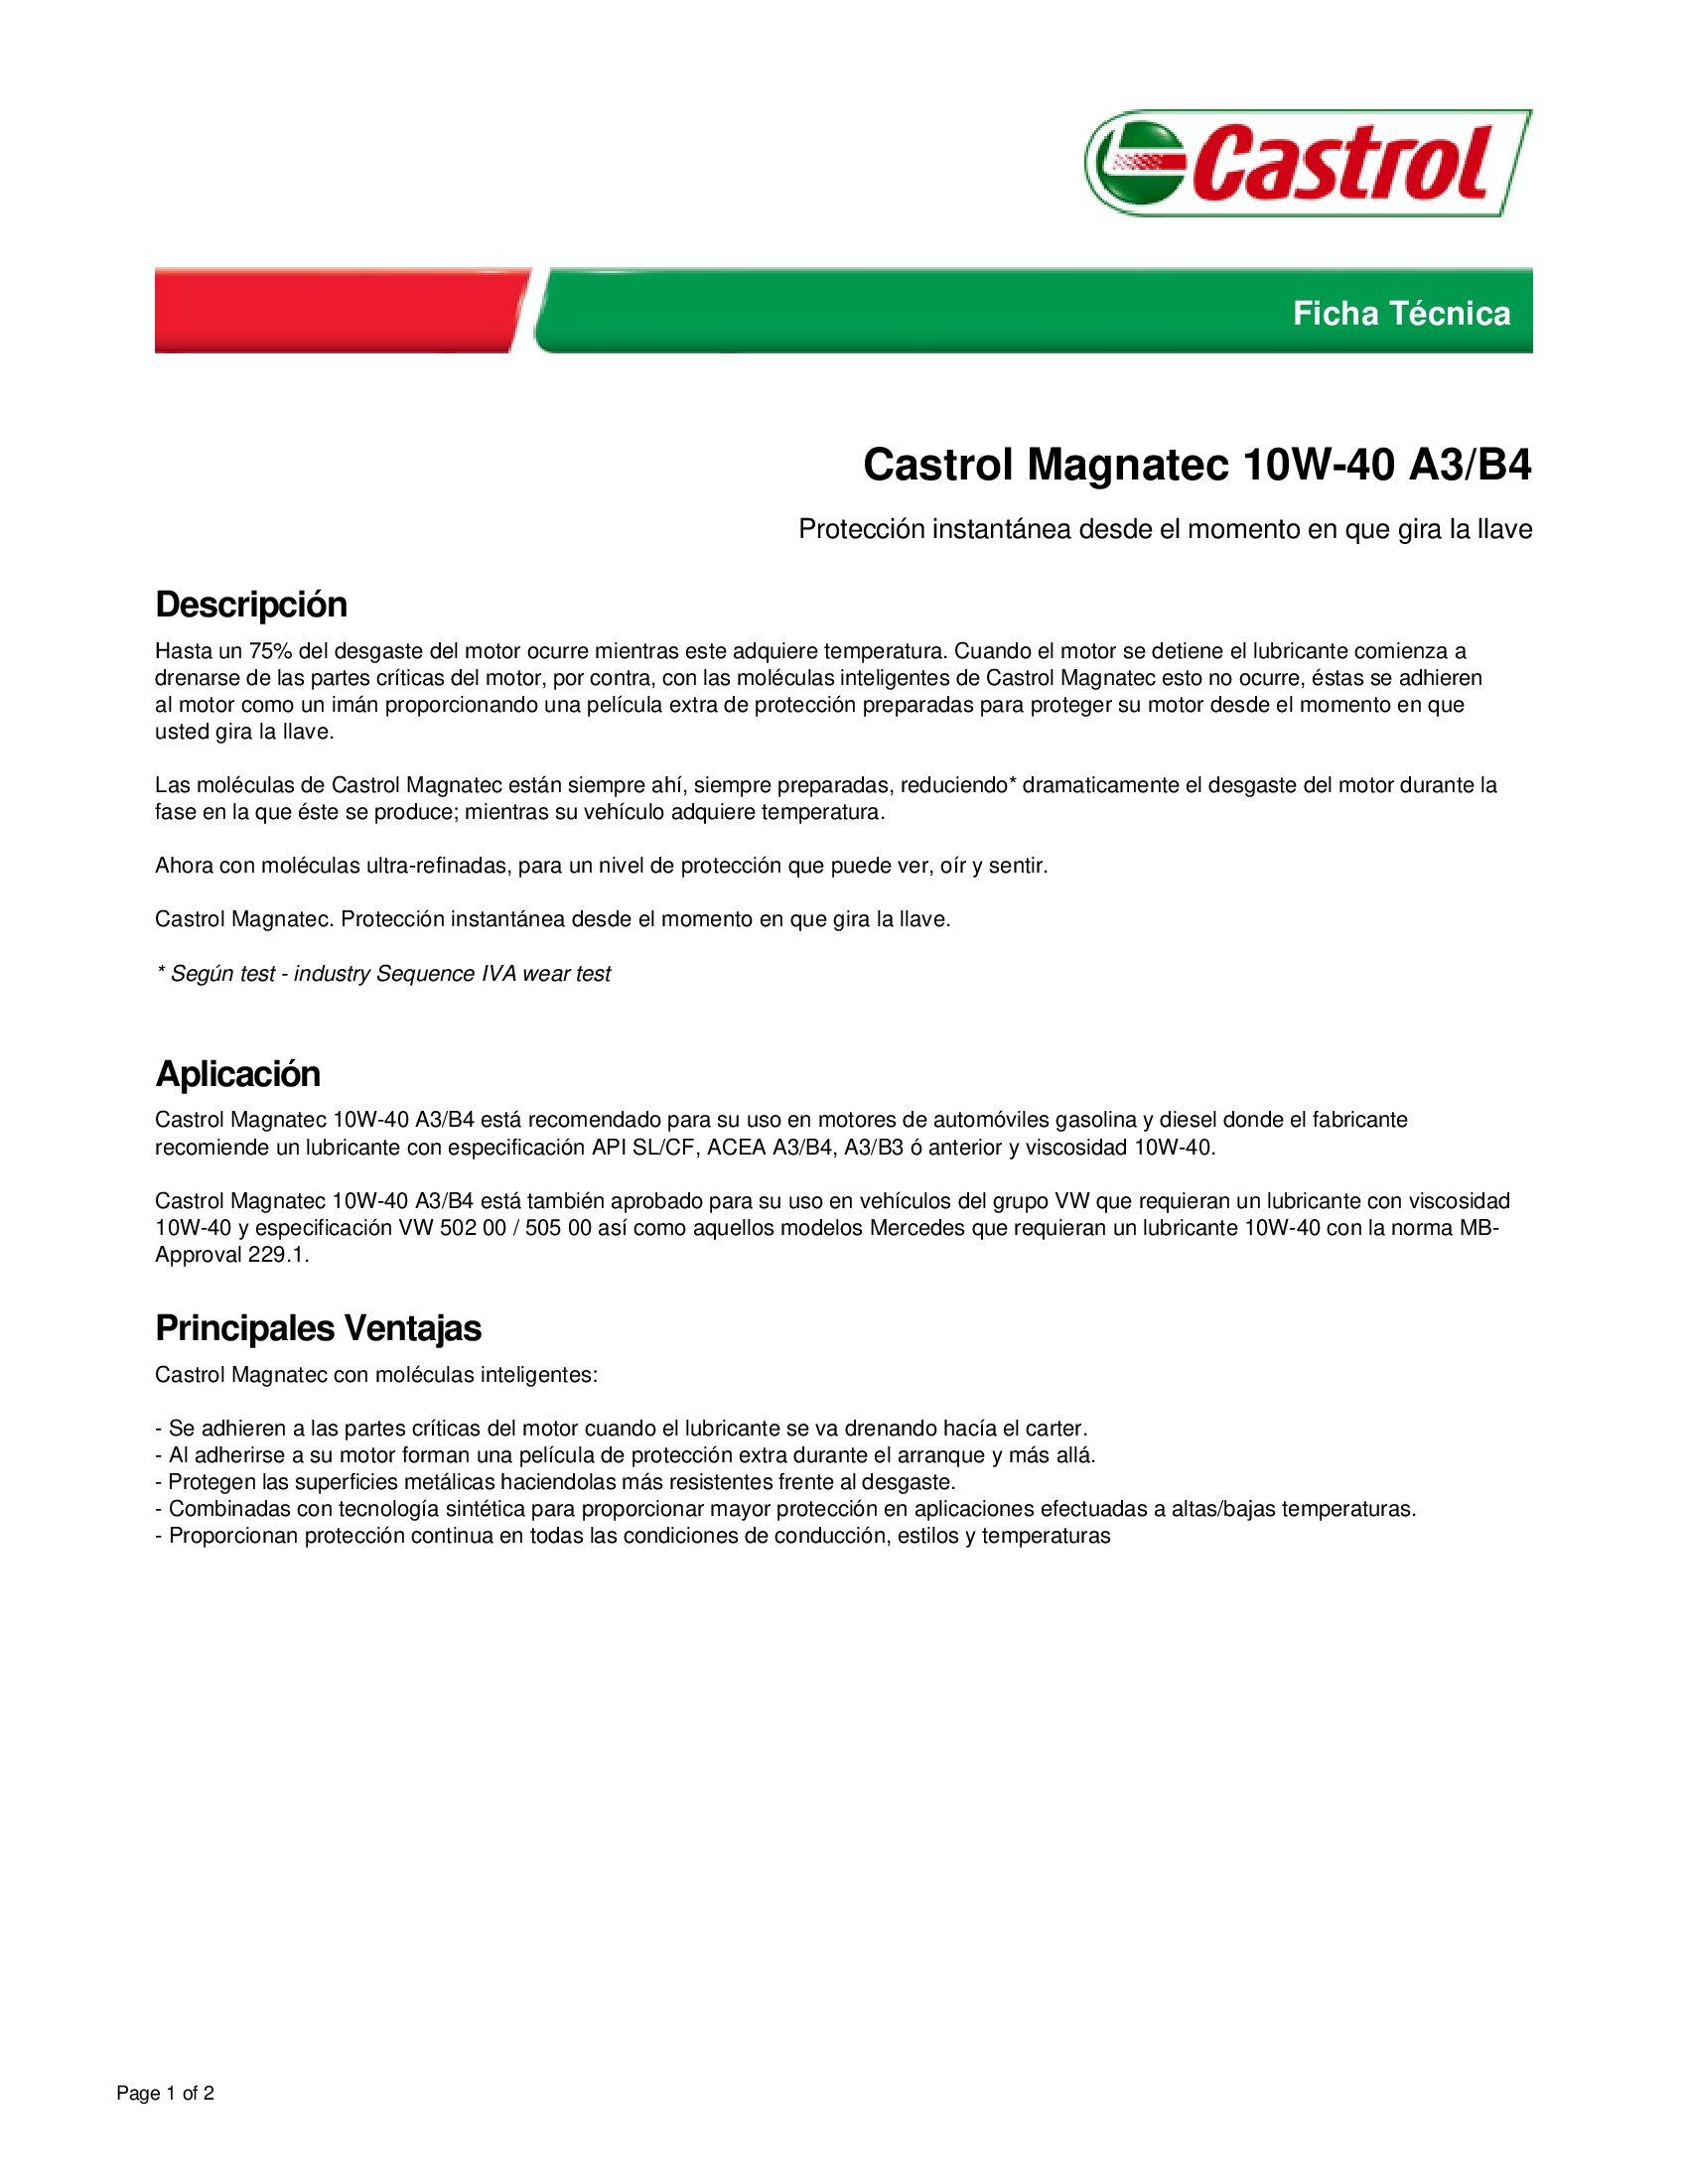 CASTROL_Magnatec_10w40_000.jpg